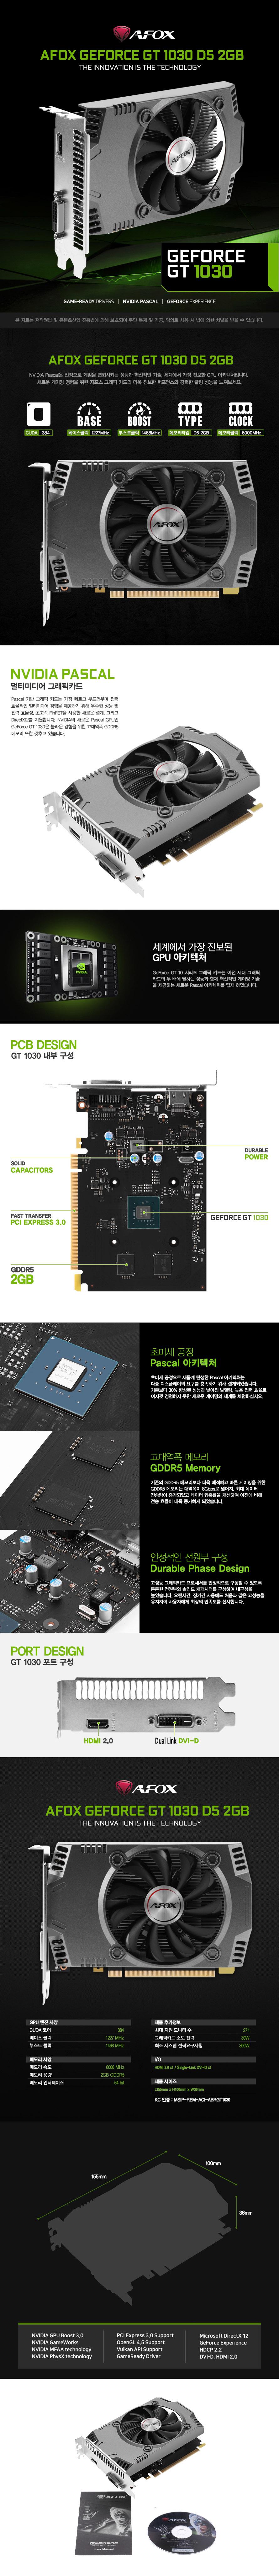 AFOX-지포스-GT-1030-D5-2GB-db-벌크.jpg